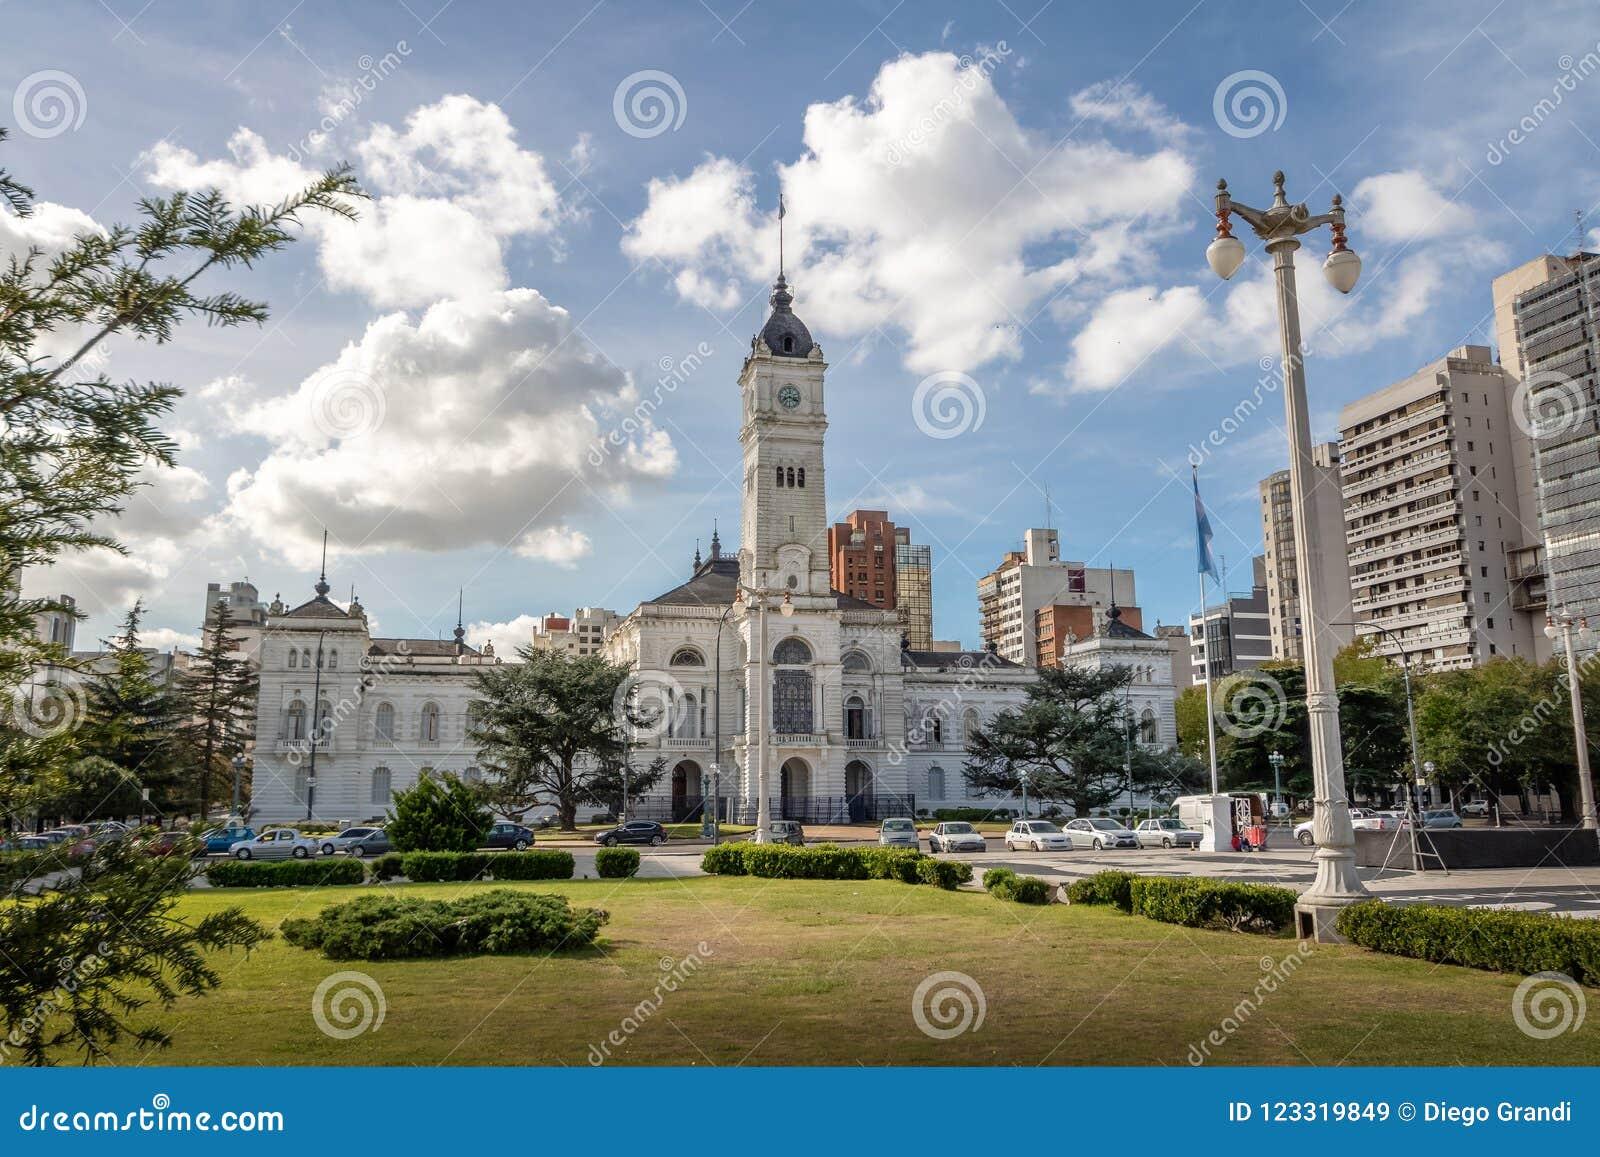 Δημοτικό παλάτι, Δημαρχείο Λα Plata - Λα Plata, επαρχία του Μπουένος Άιρες, Αργεντινή